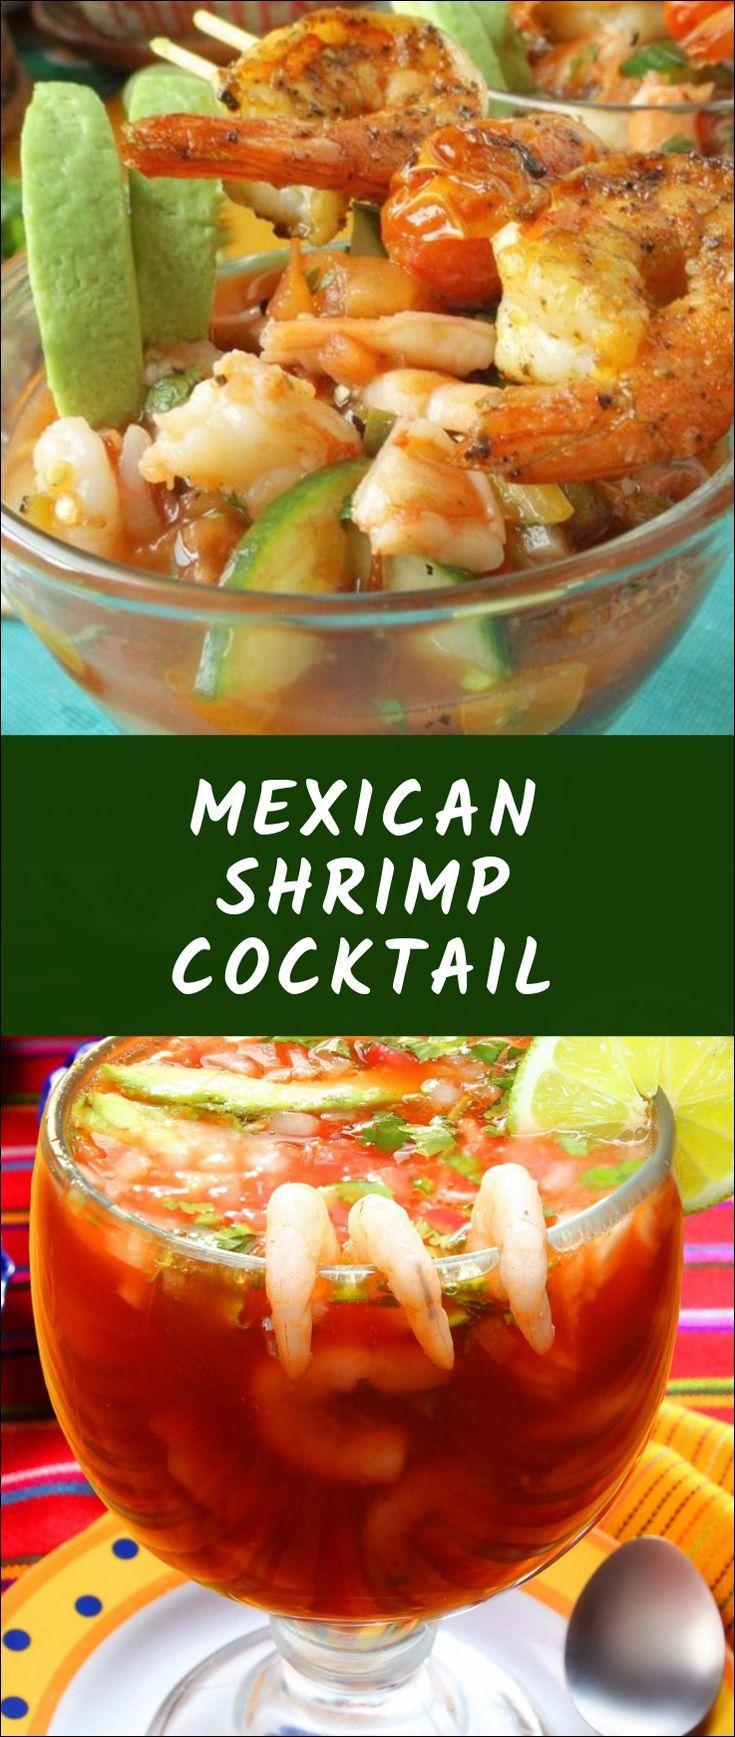 Mexican Shrimp Cocktail Coctel De Camarones Mexican Shrimp Cocktail Vegetarian Recipes Vegan Recipes Easy